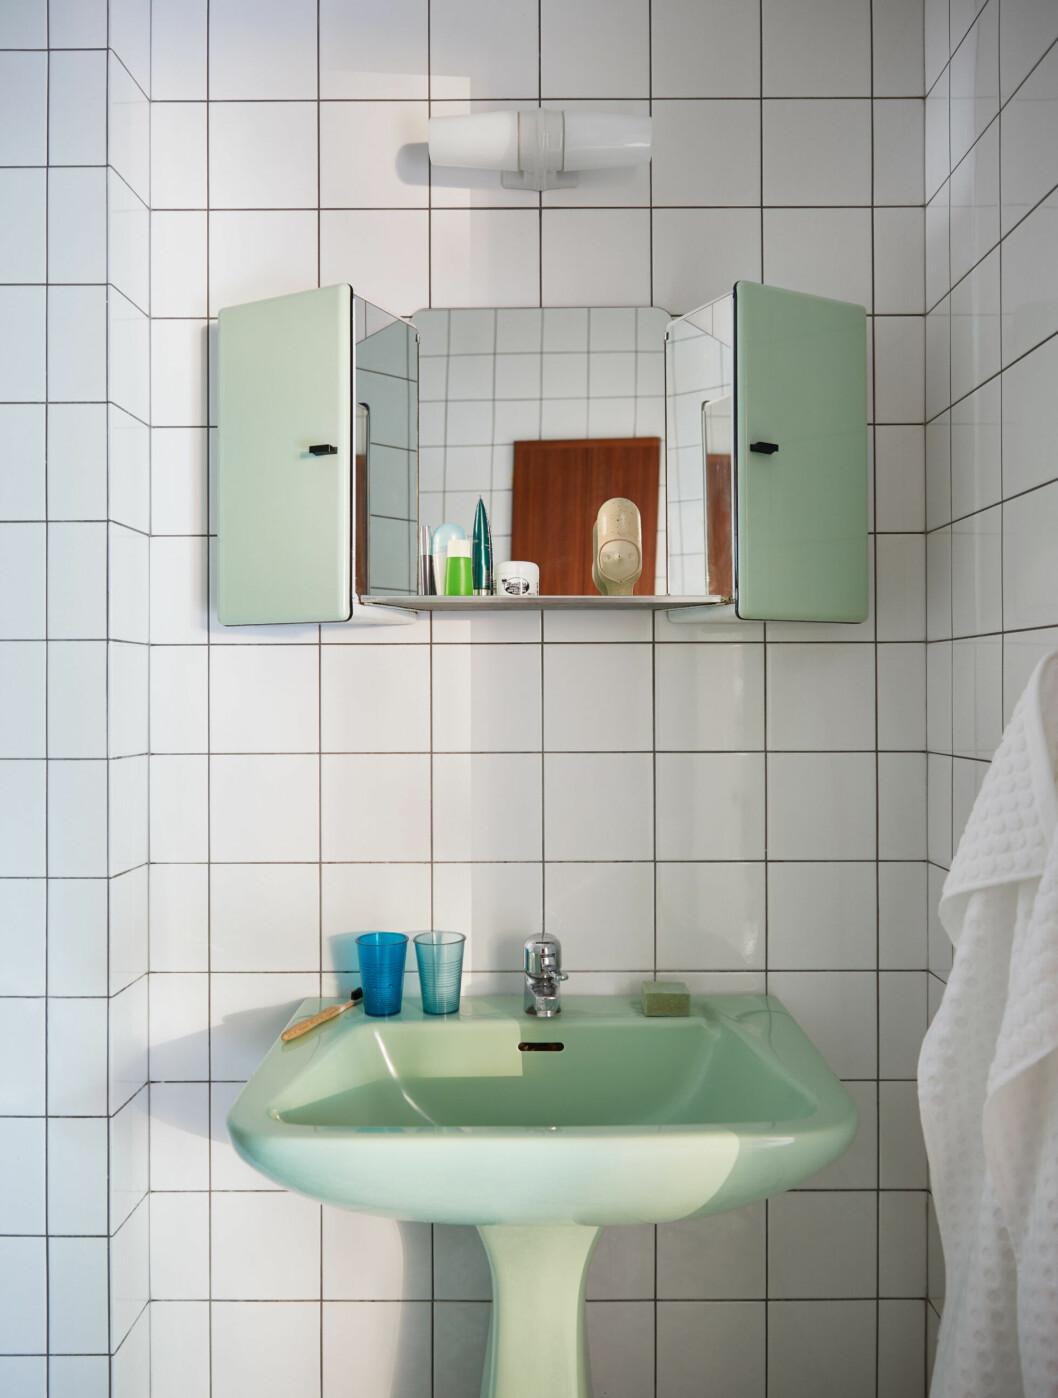 Badrum i vitt kakel och både mintgrönt handfat och förvaring i 70-talsanda